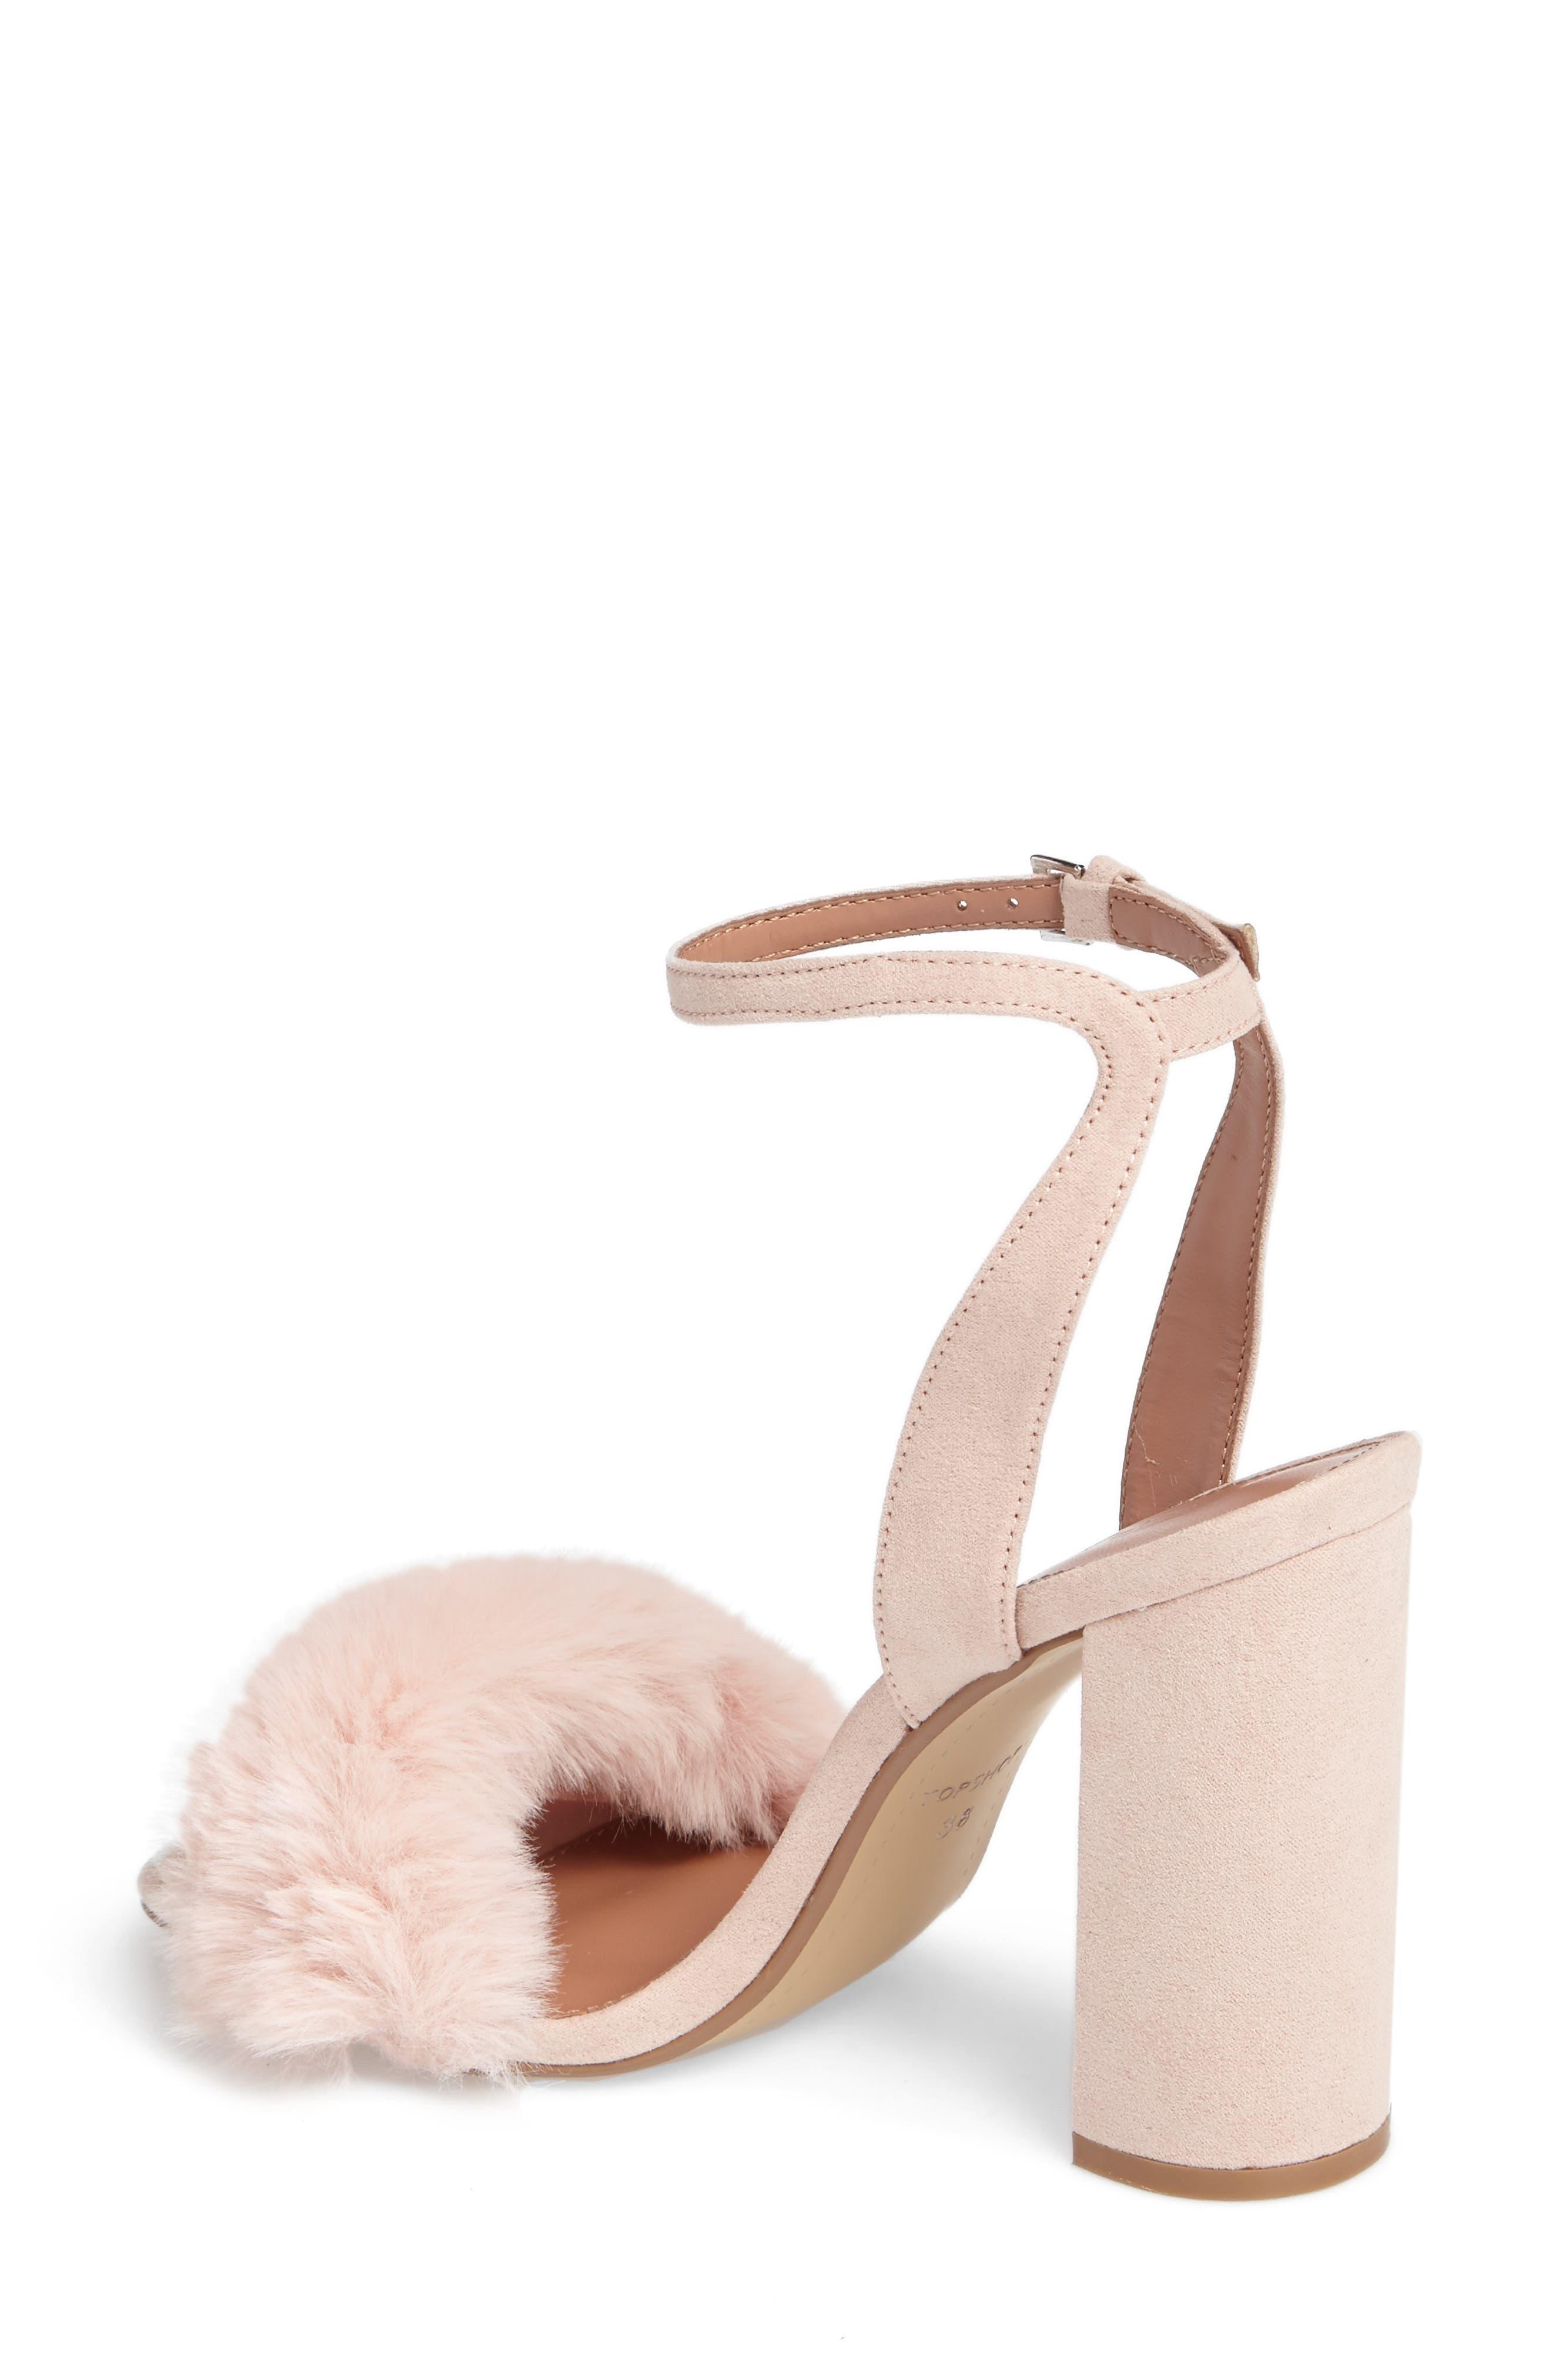 Maison Faux Fur Block Heel Sandal,                             Alternate thumbnail 2, color,                             250